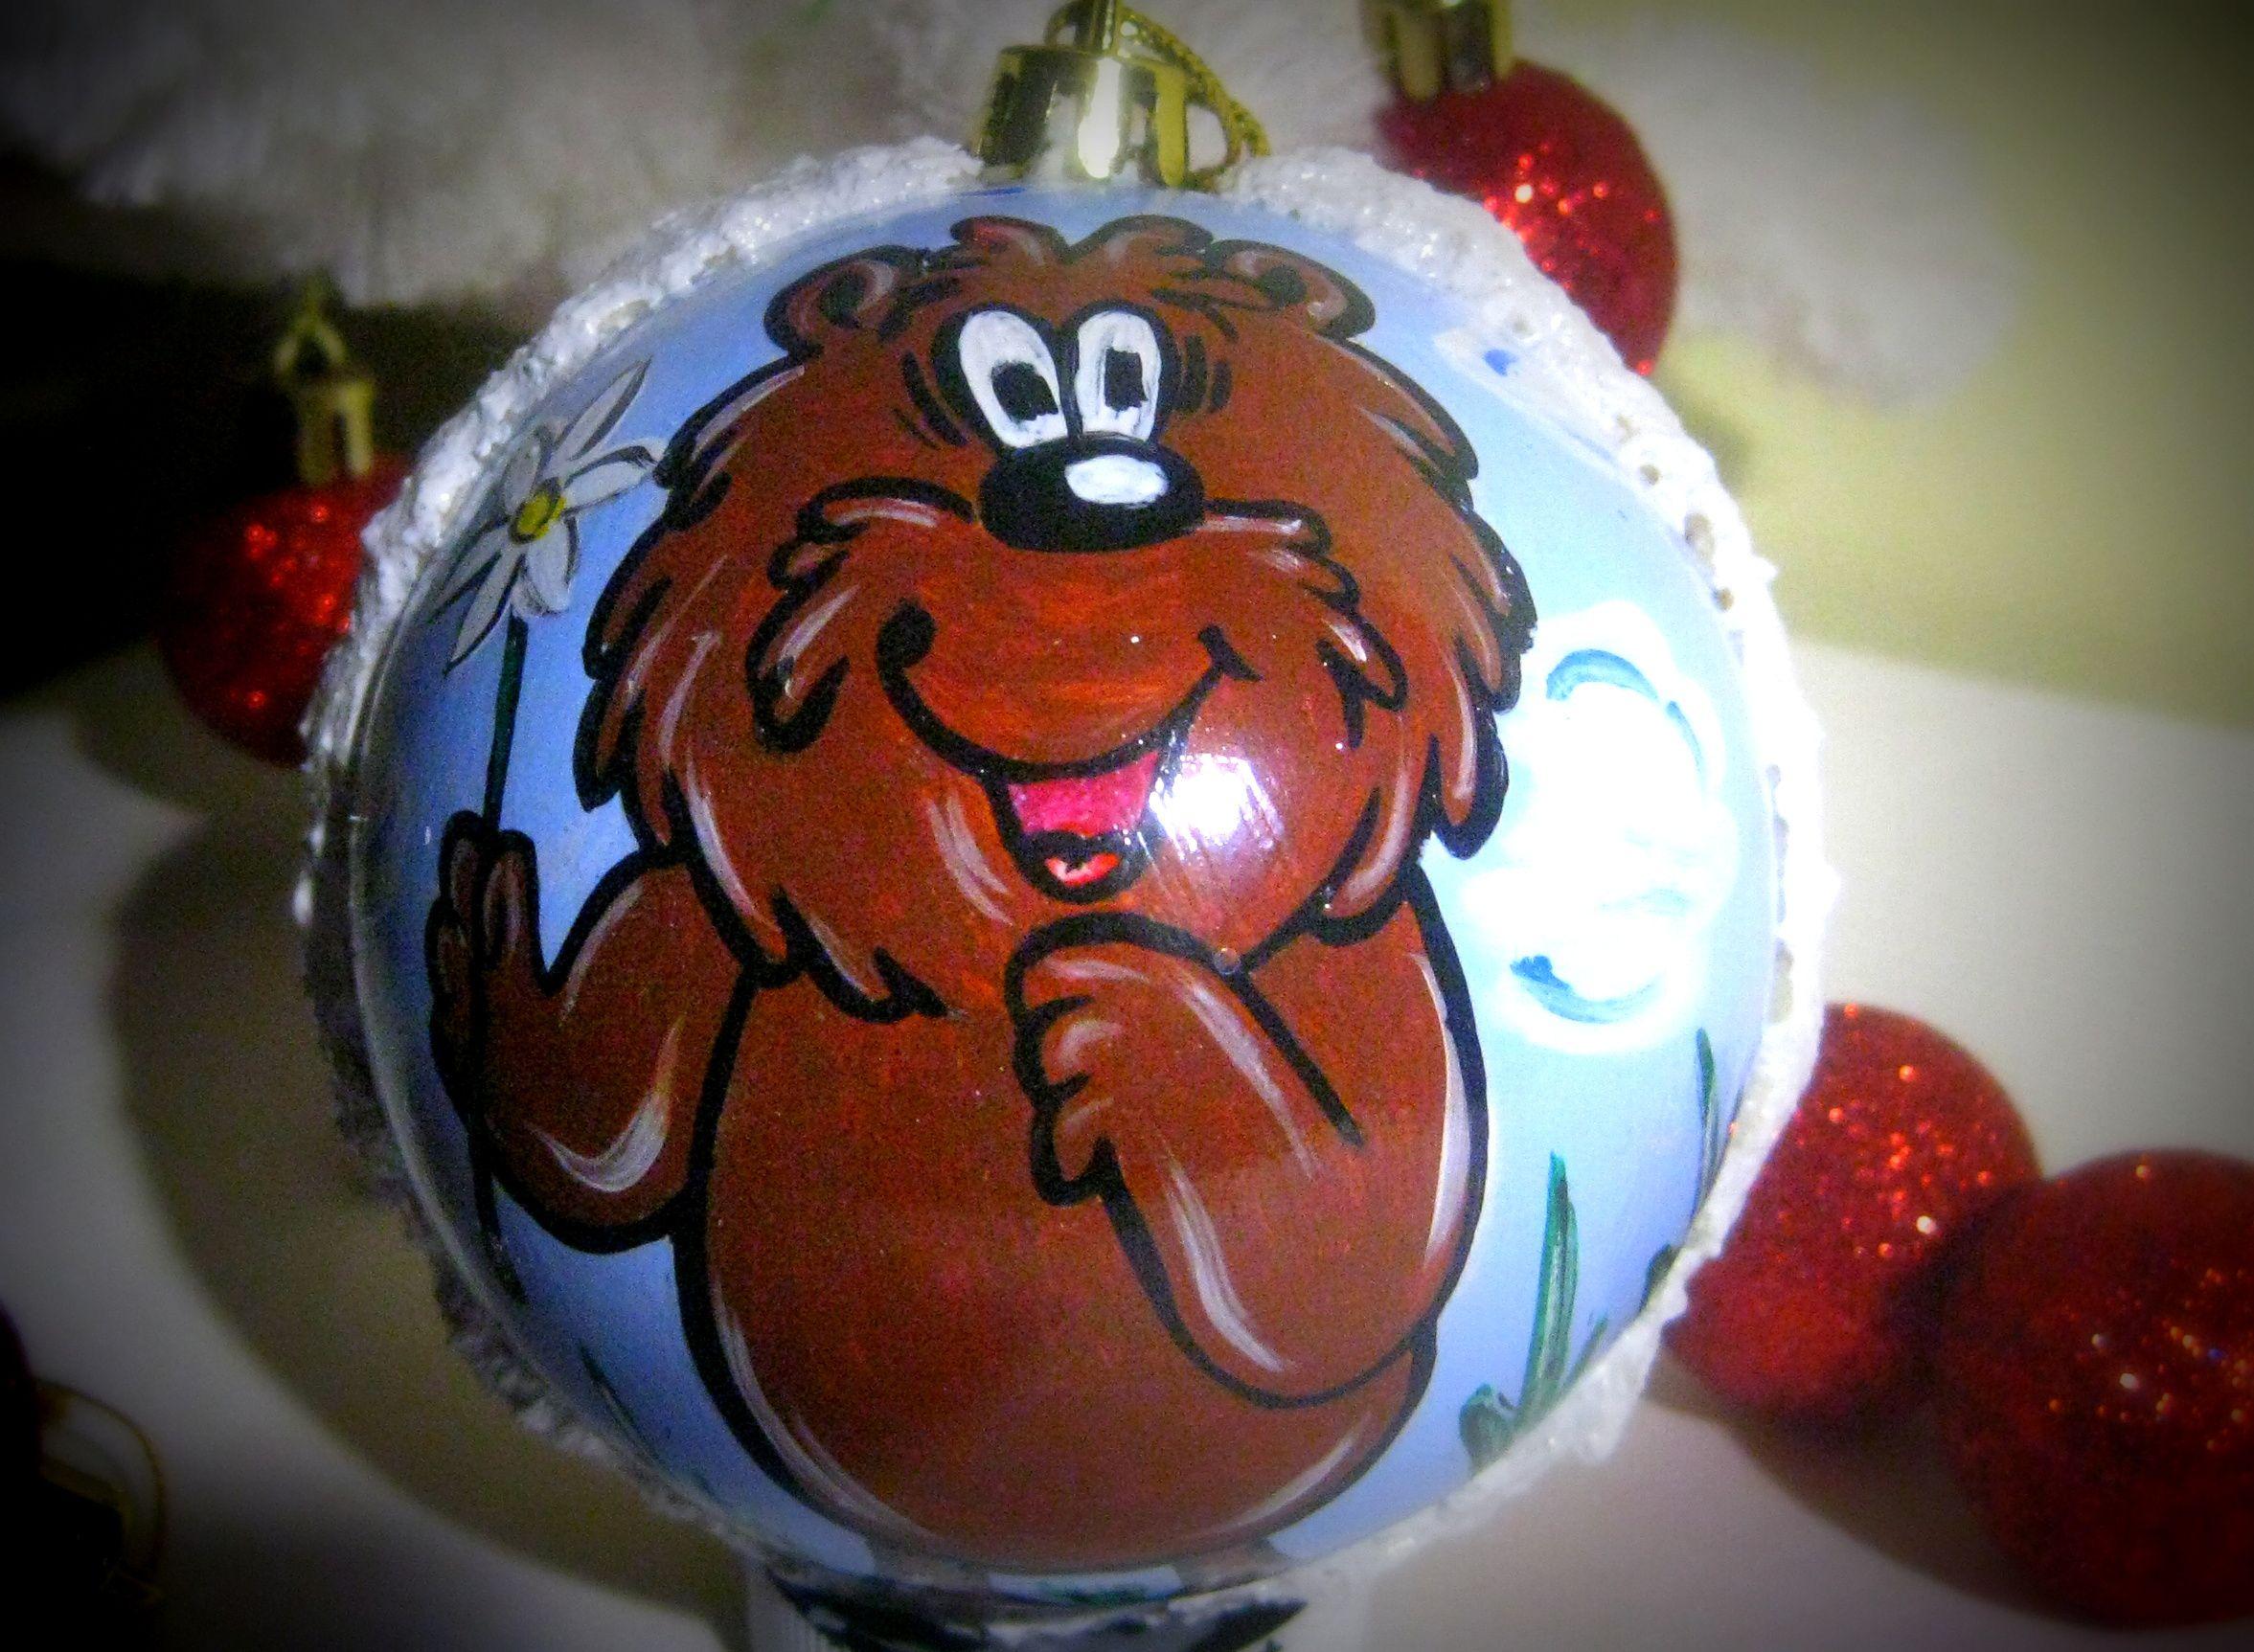 елочныешары елочныеукрашения новогодниеигрушки облакабелогривыелошадки советскиемультики ёжикимедвежонок трямздравствуйте новыйгод ёжик шары